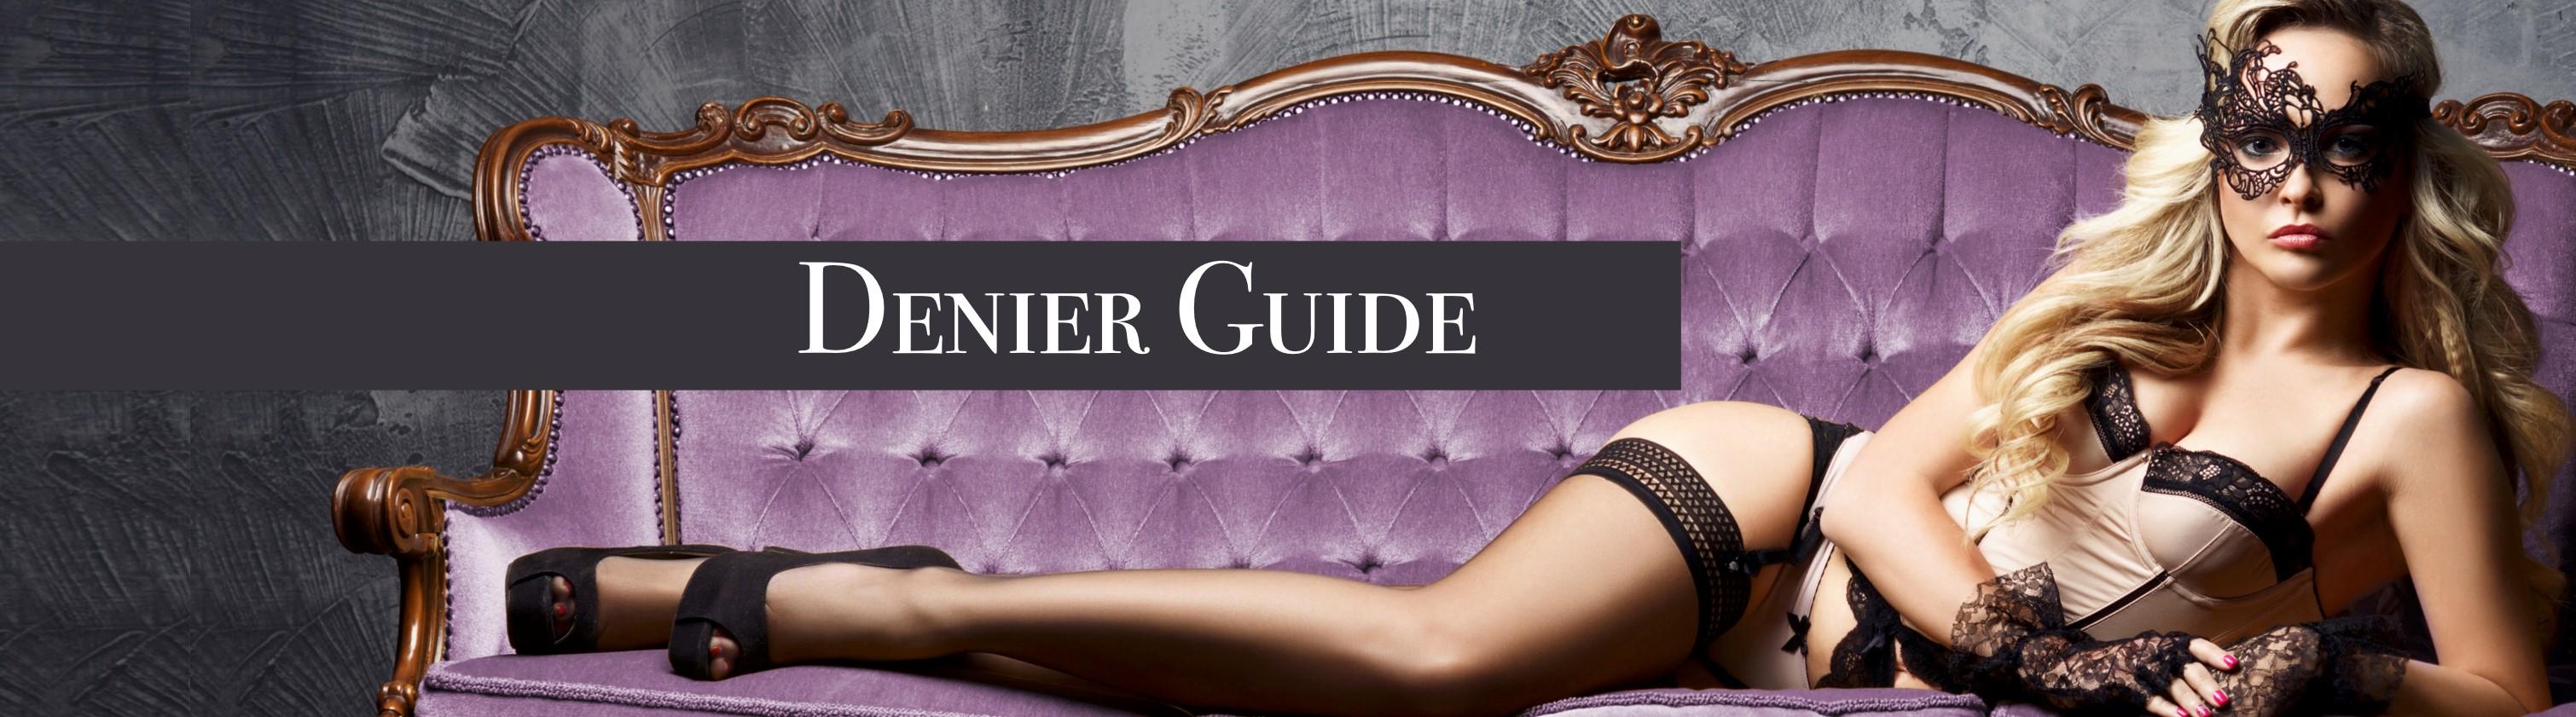 denier-guide-banner-1-.jpg